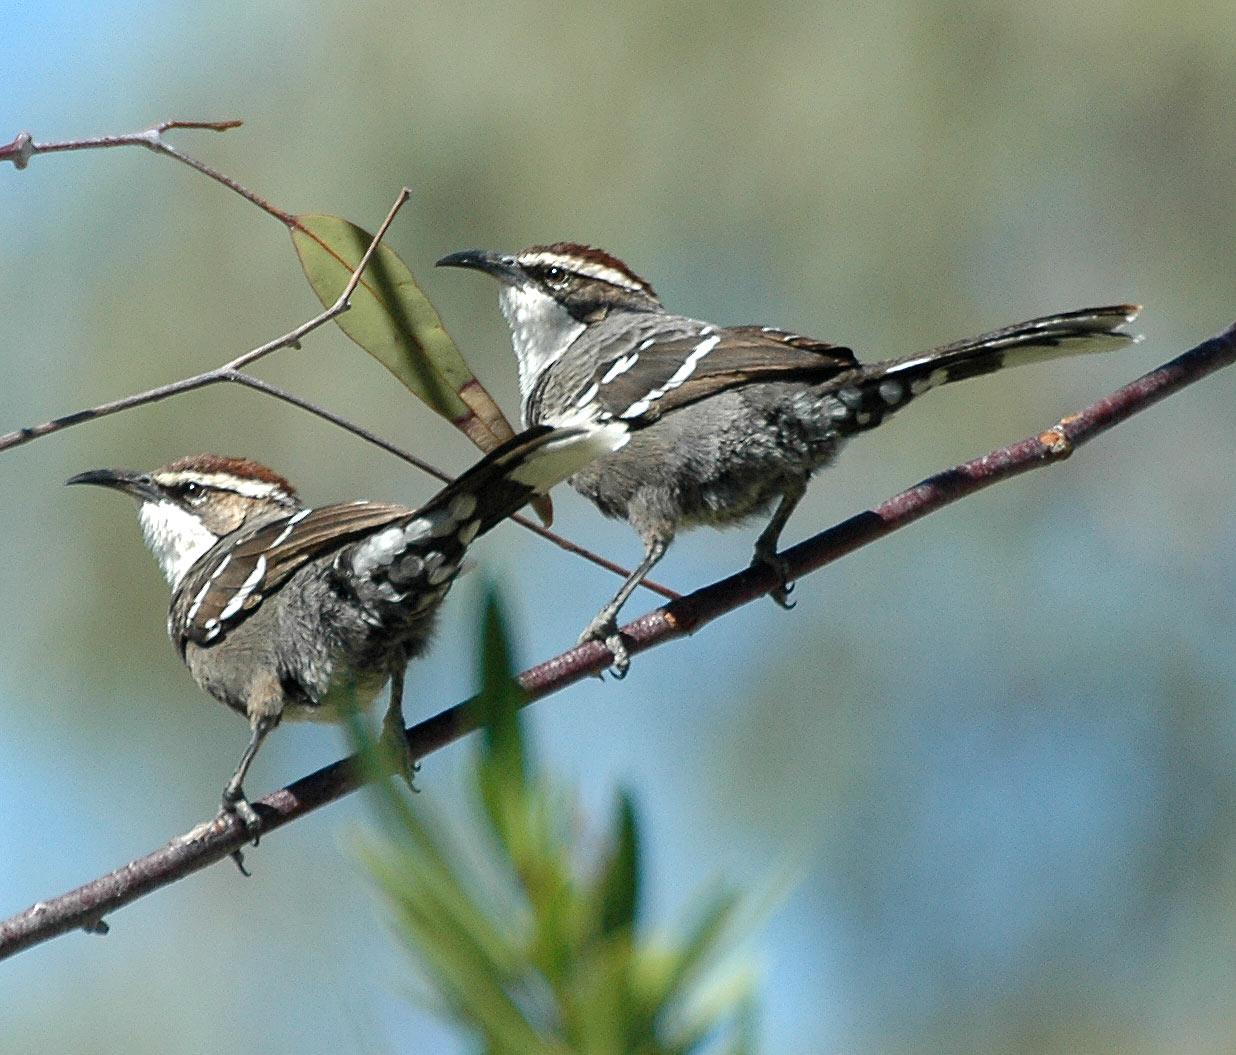 أصوات الطيور تشبه لغة البشر طائر الكستناء المتوج مثالاً